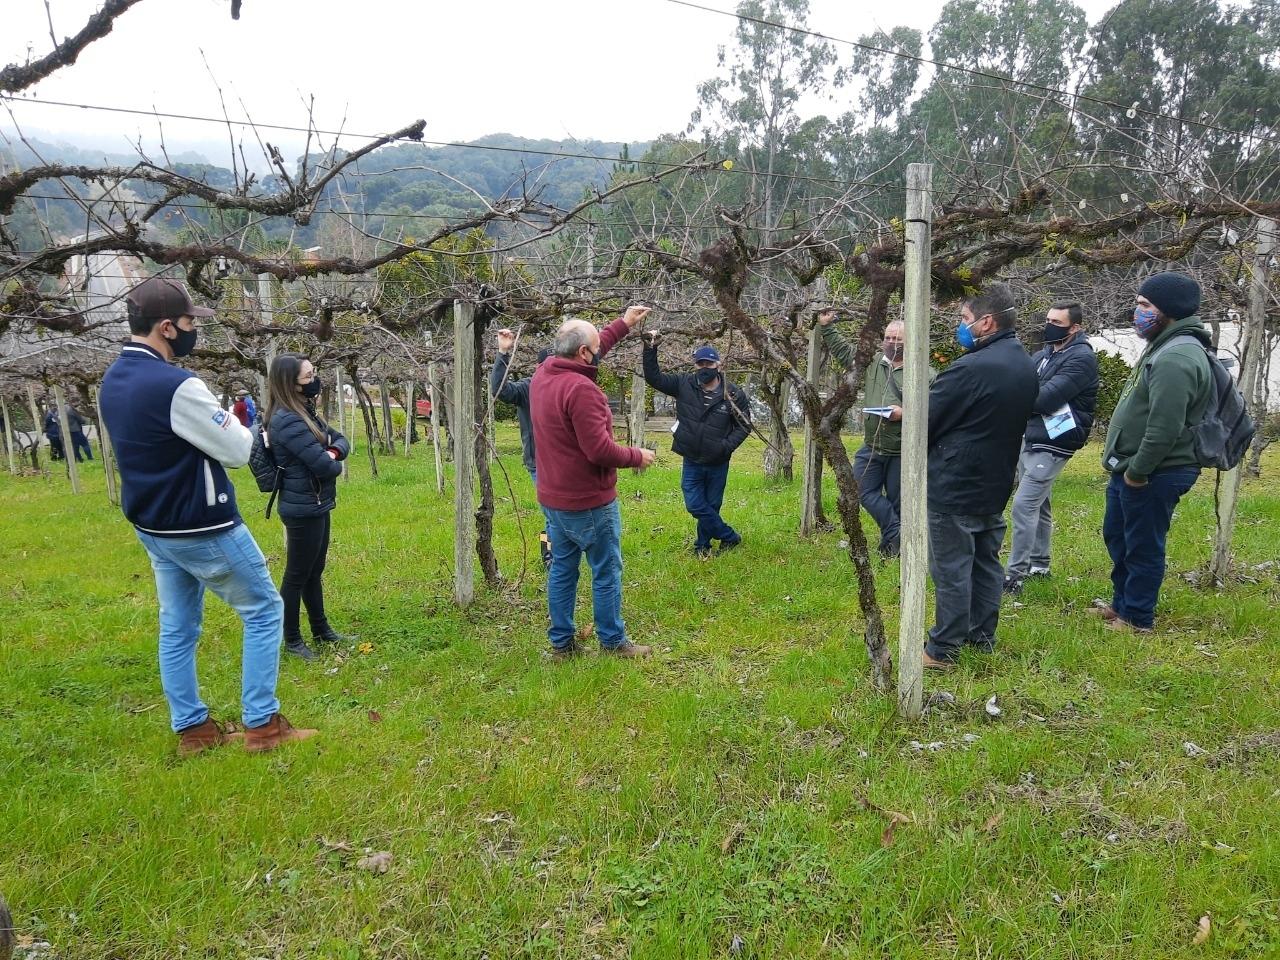 agricultores recebendo instrução de como fazer a poda das parreiras